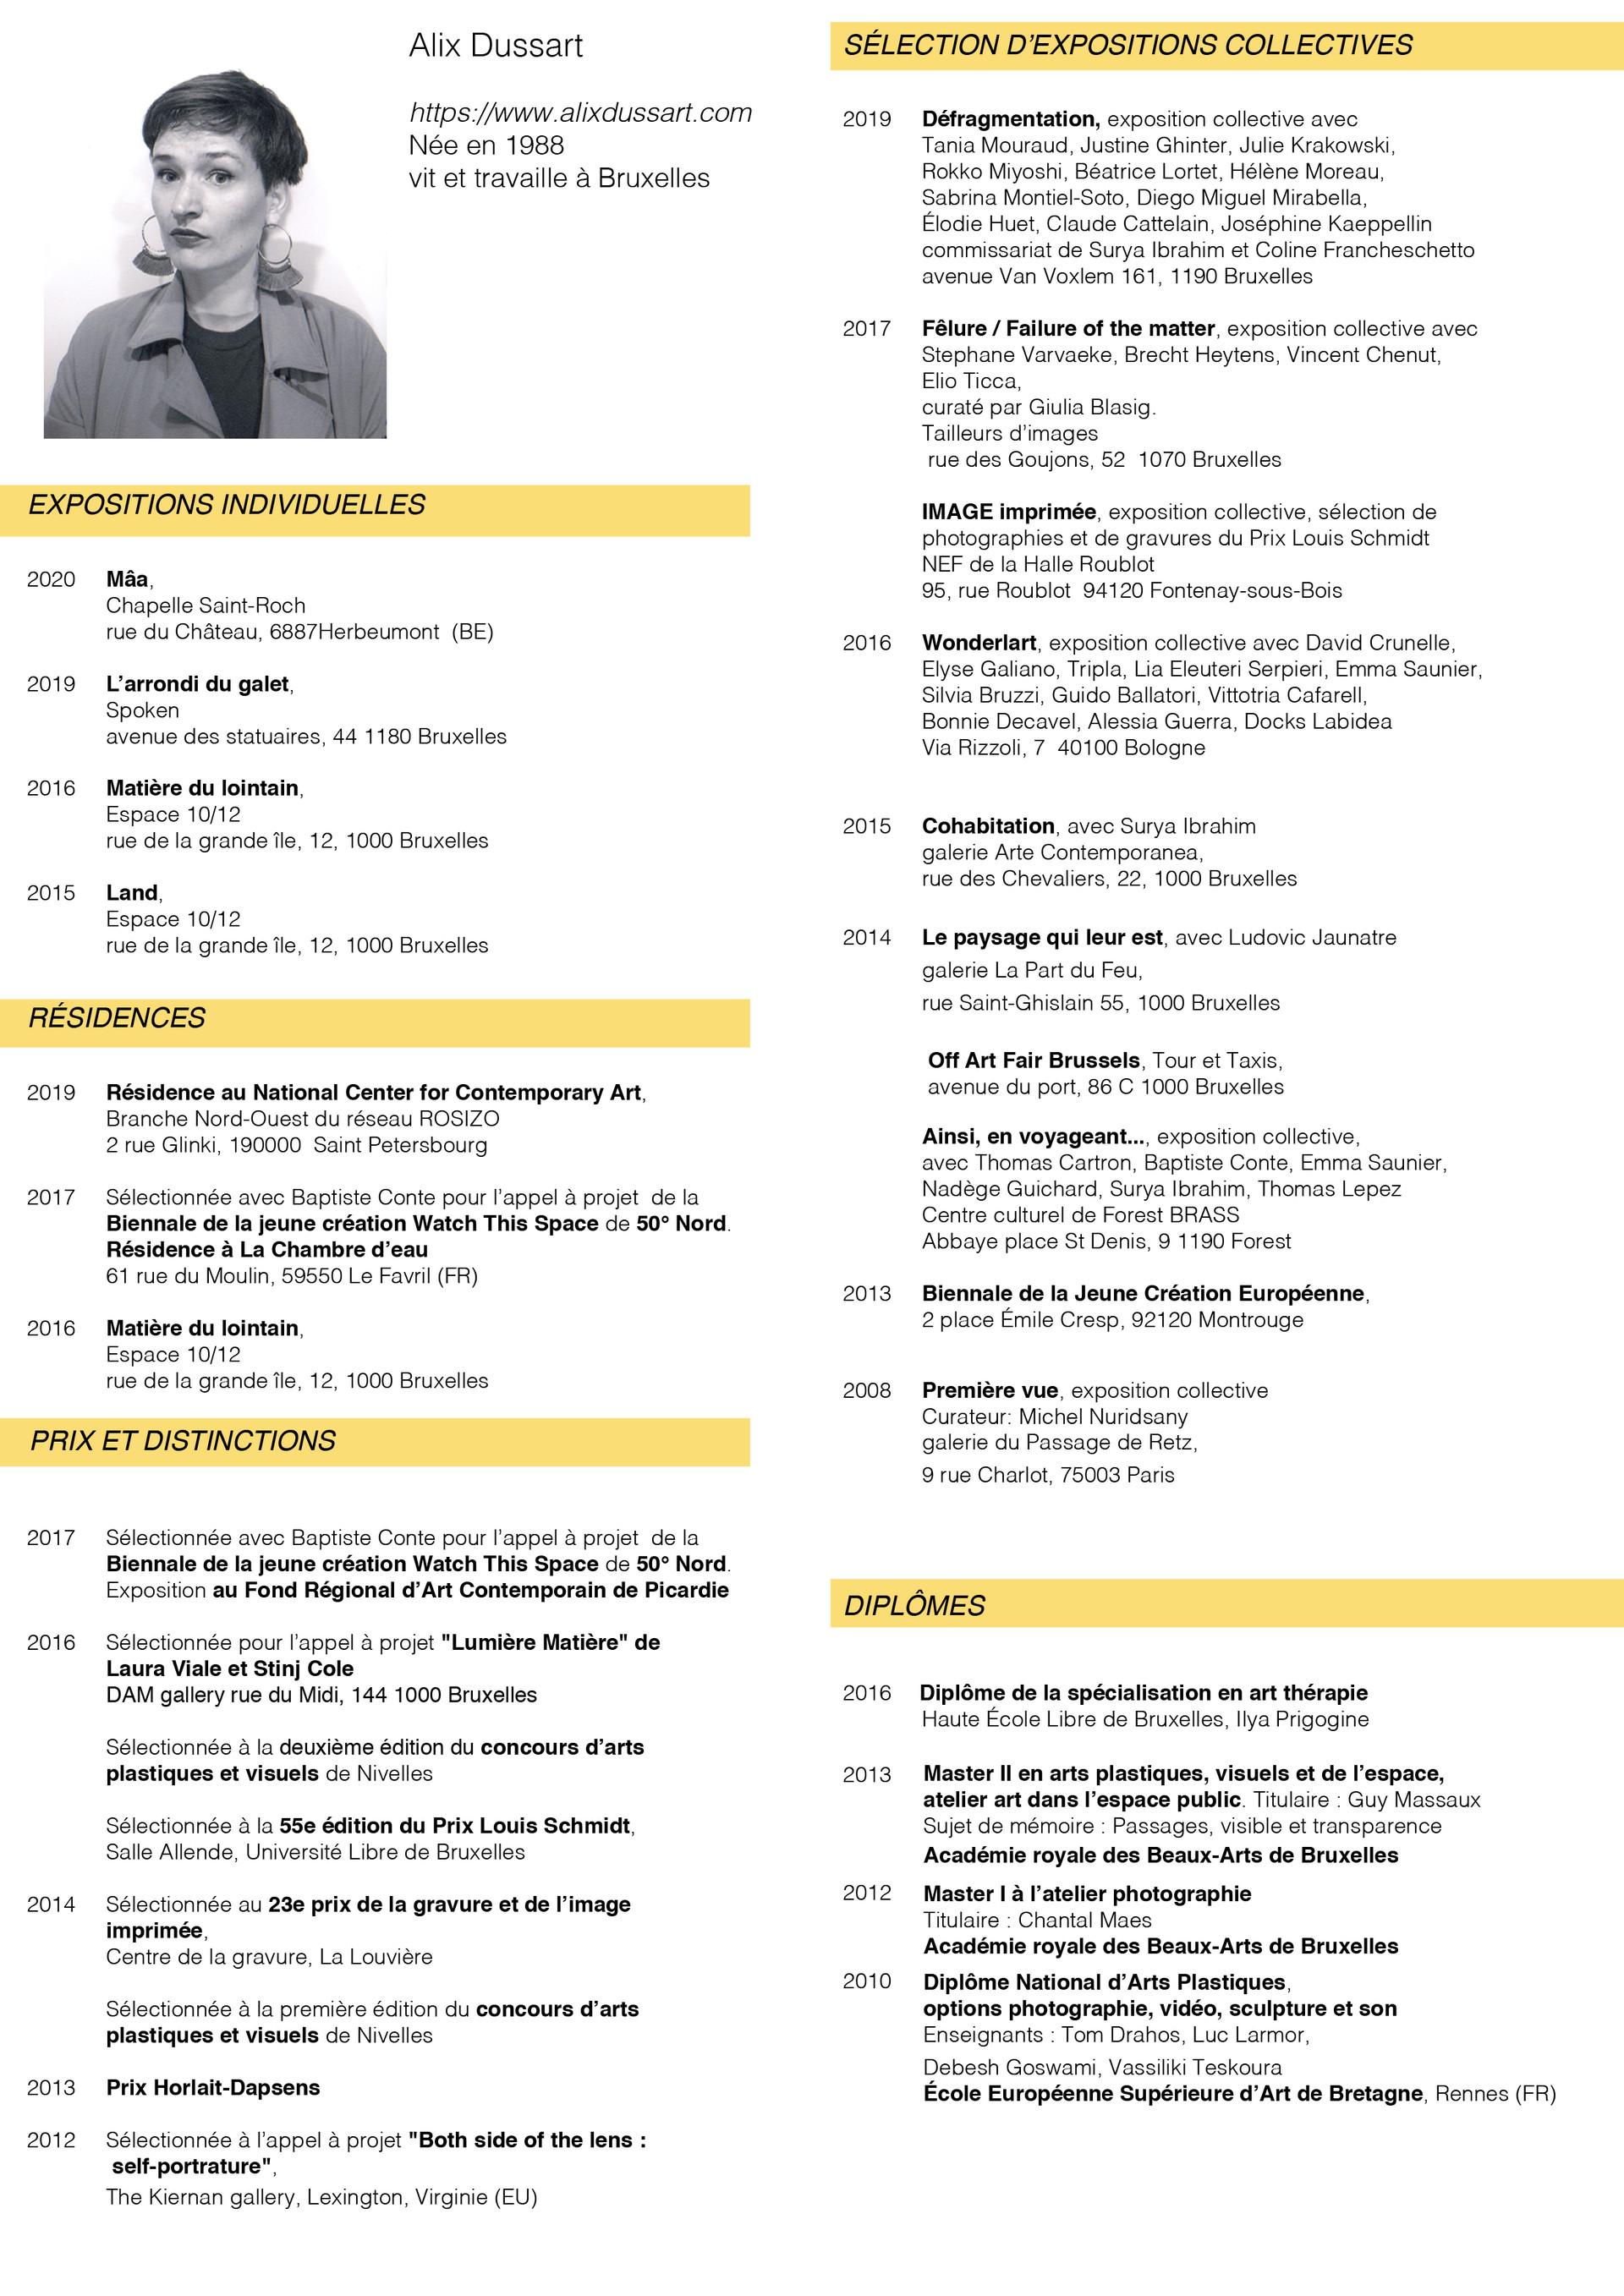 Alix-Dussart-CV-2020-web-OK.jpg